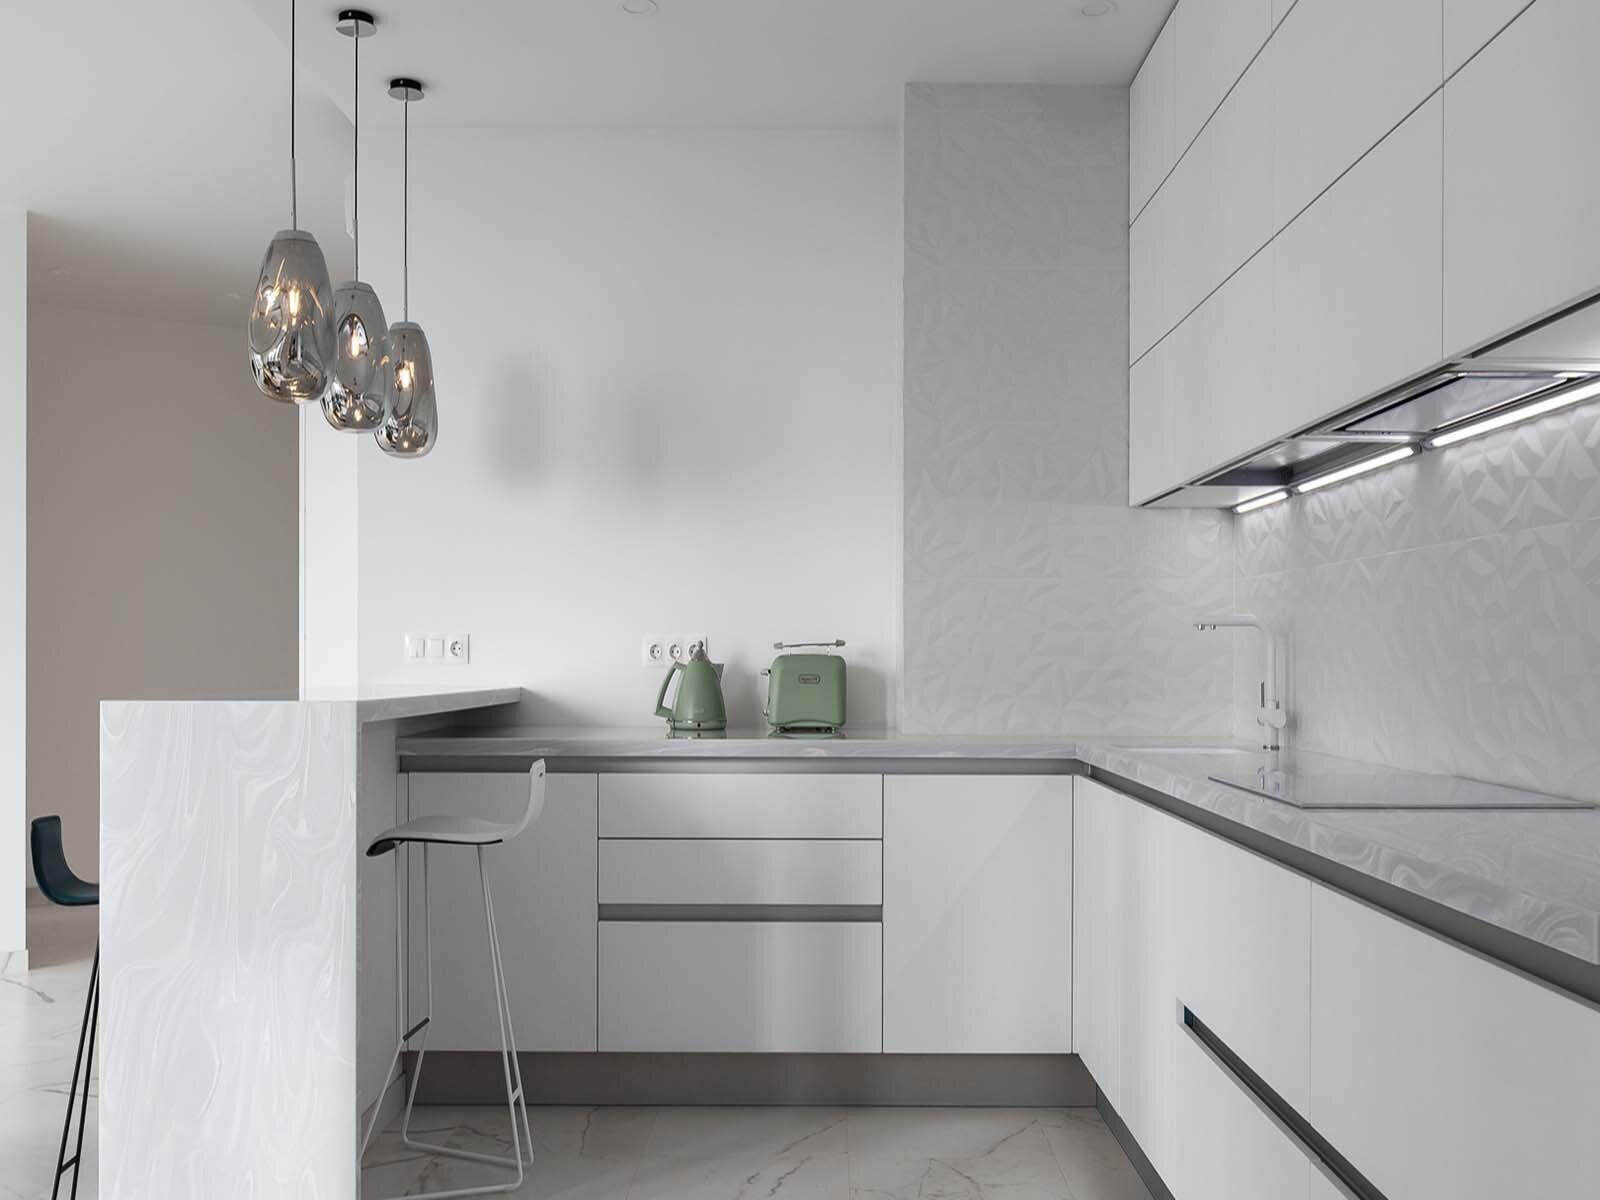 Угловая кухня в квартире с минимальным количеством места